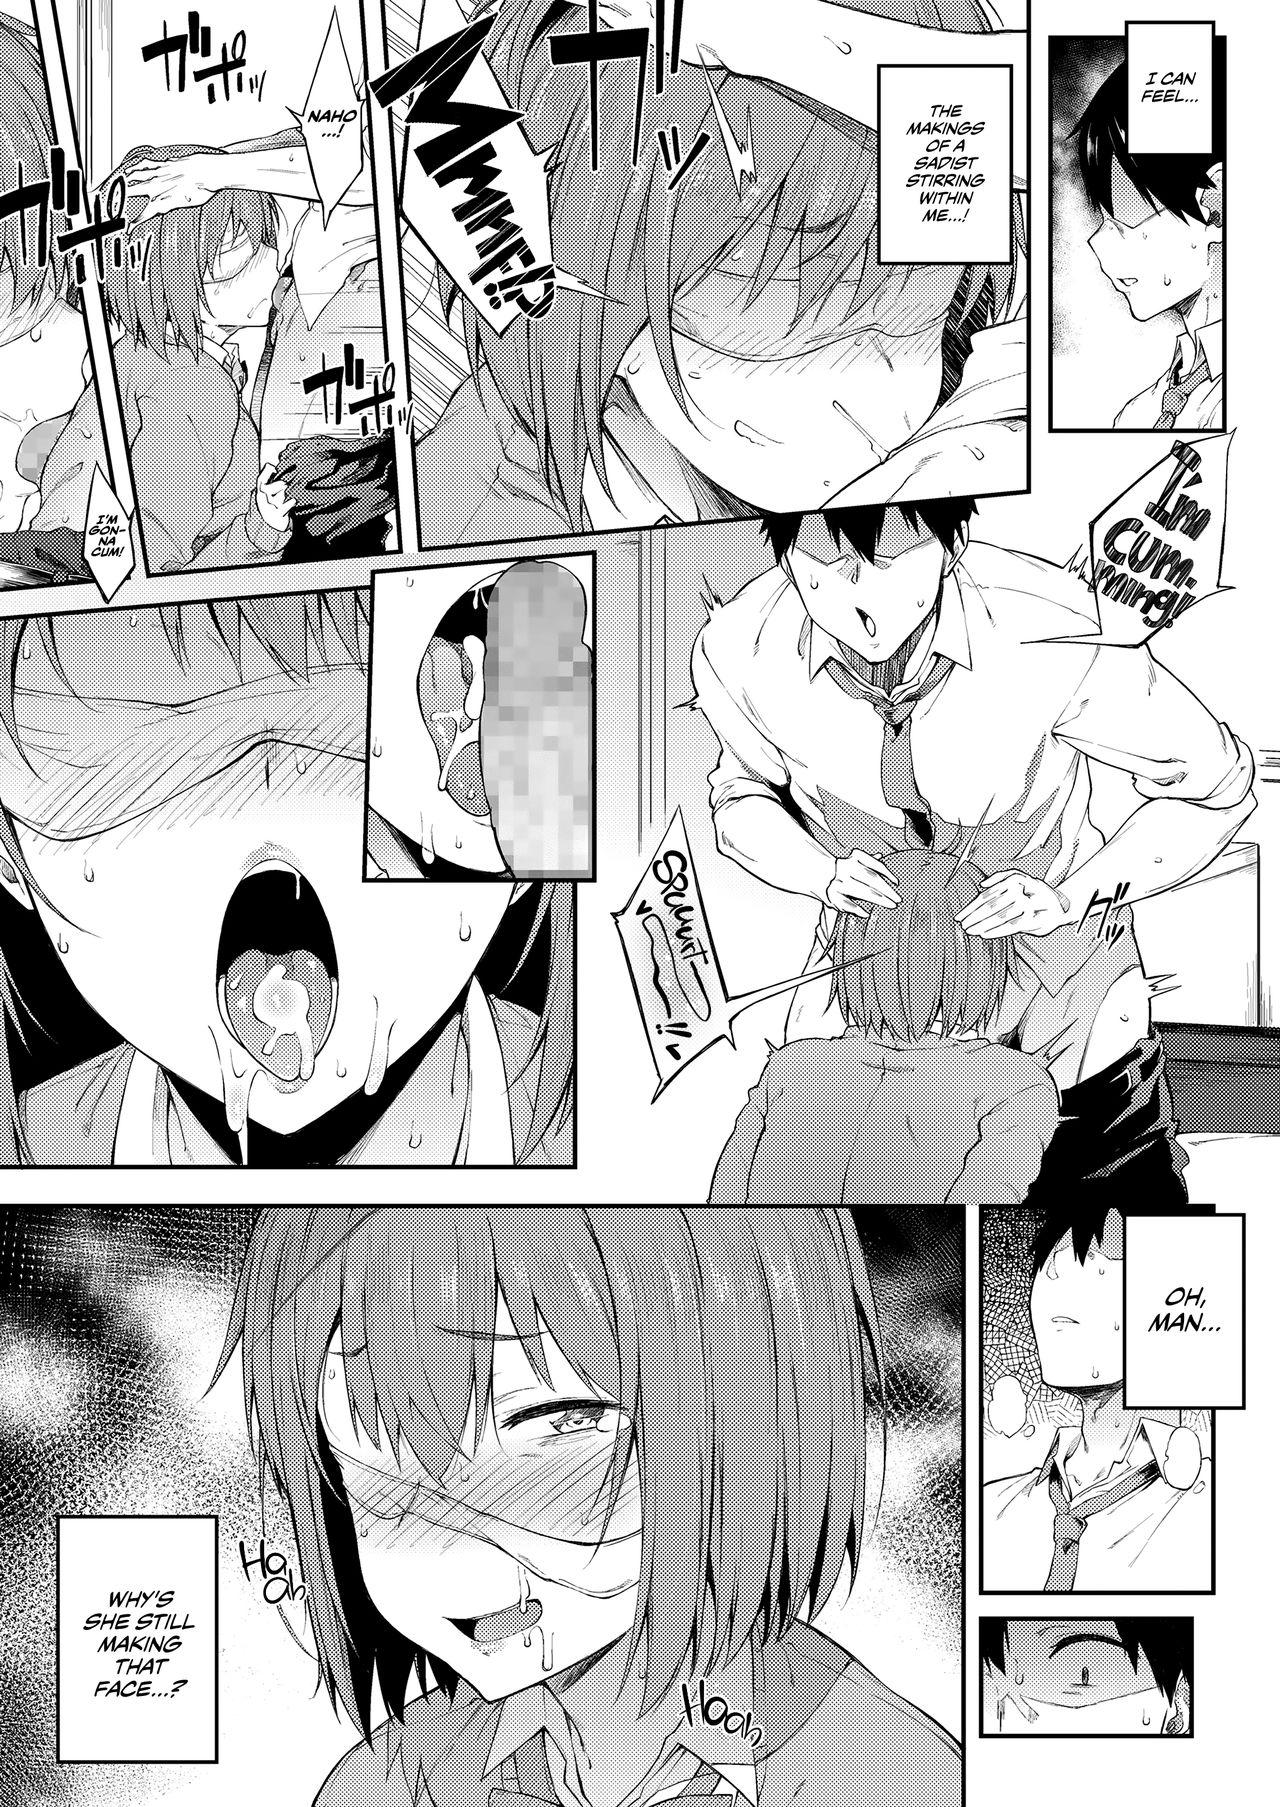 Zenryaku, Kanojo no Seiheki ga Nanameue deshita   A Girl's Weird Fetishes are Brought to Light! 4